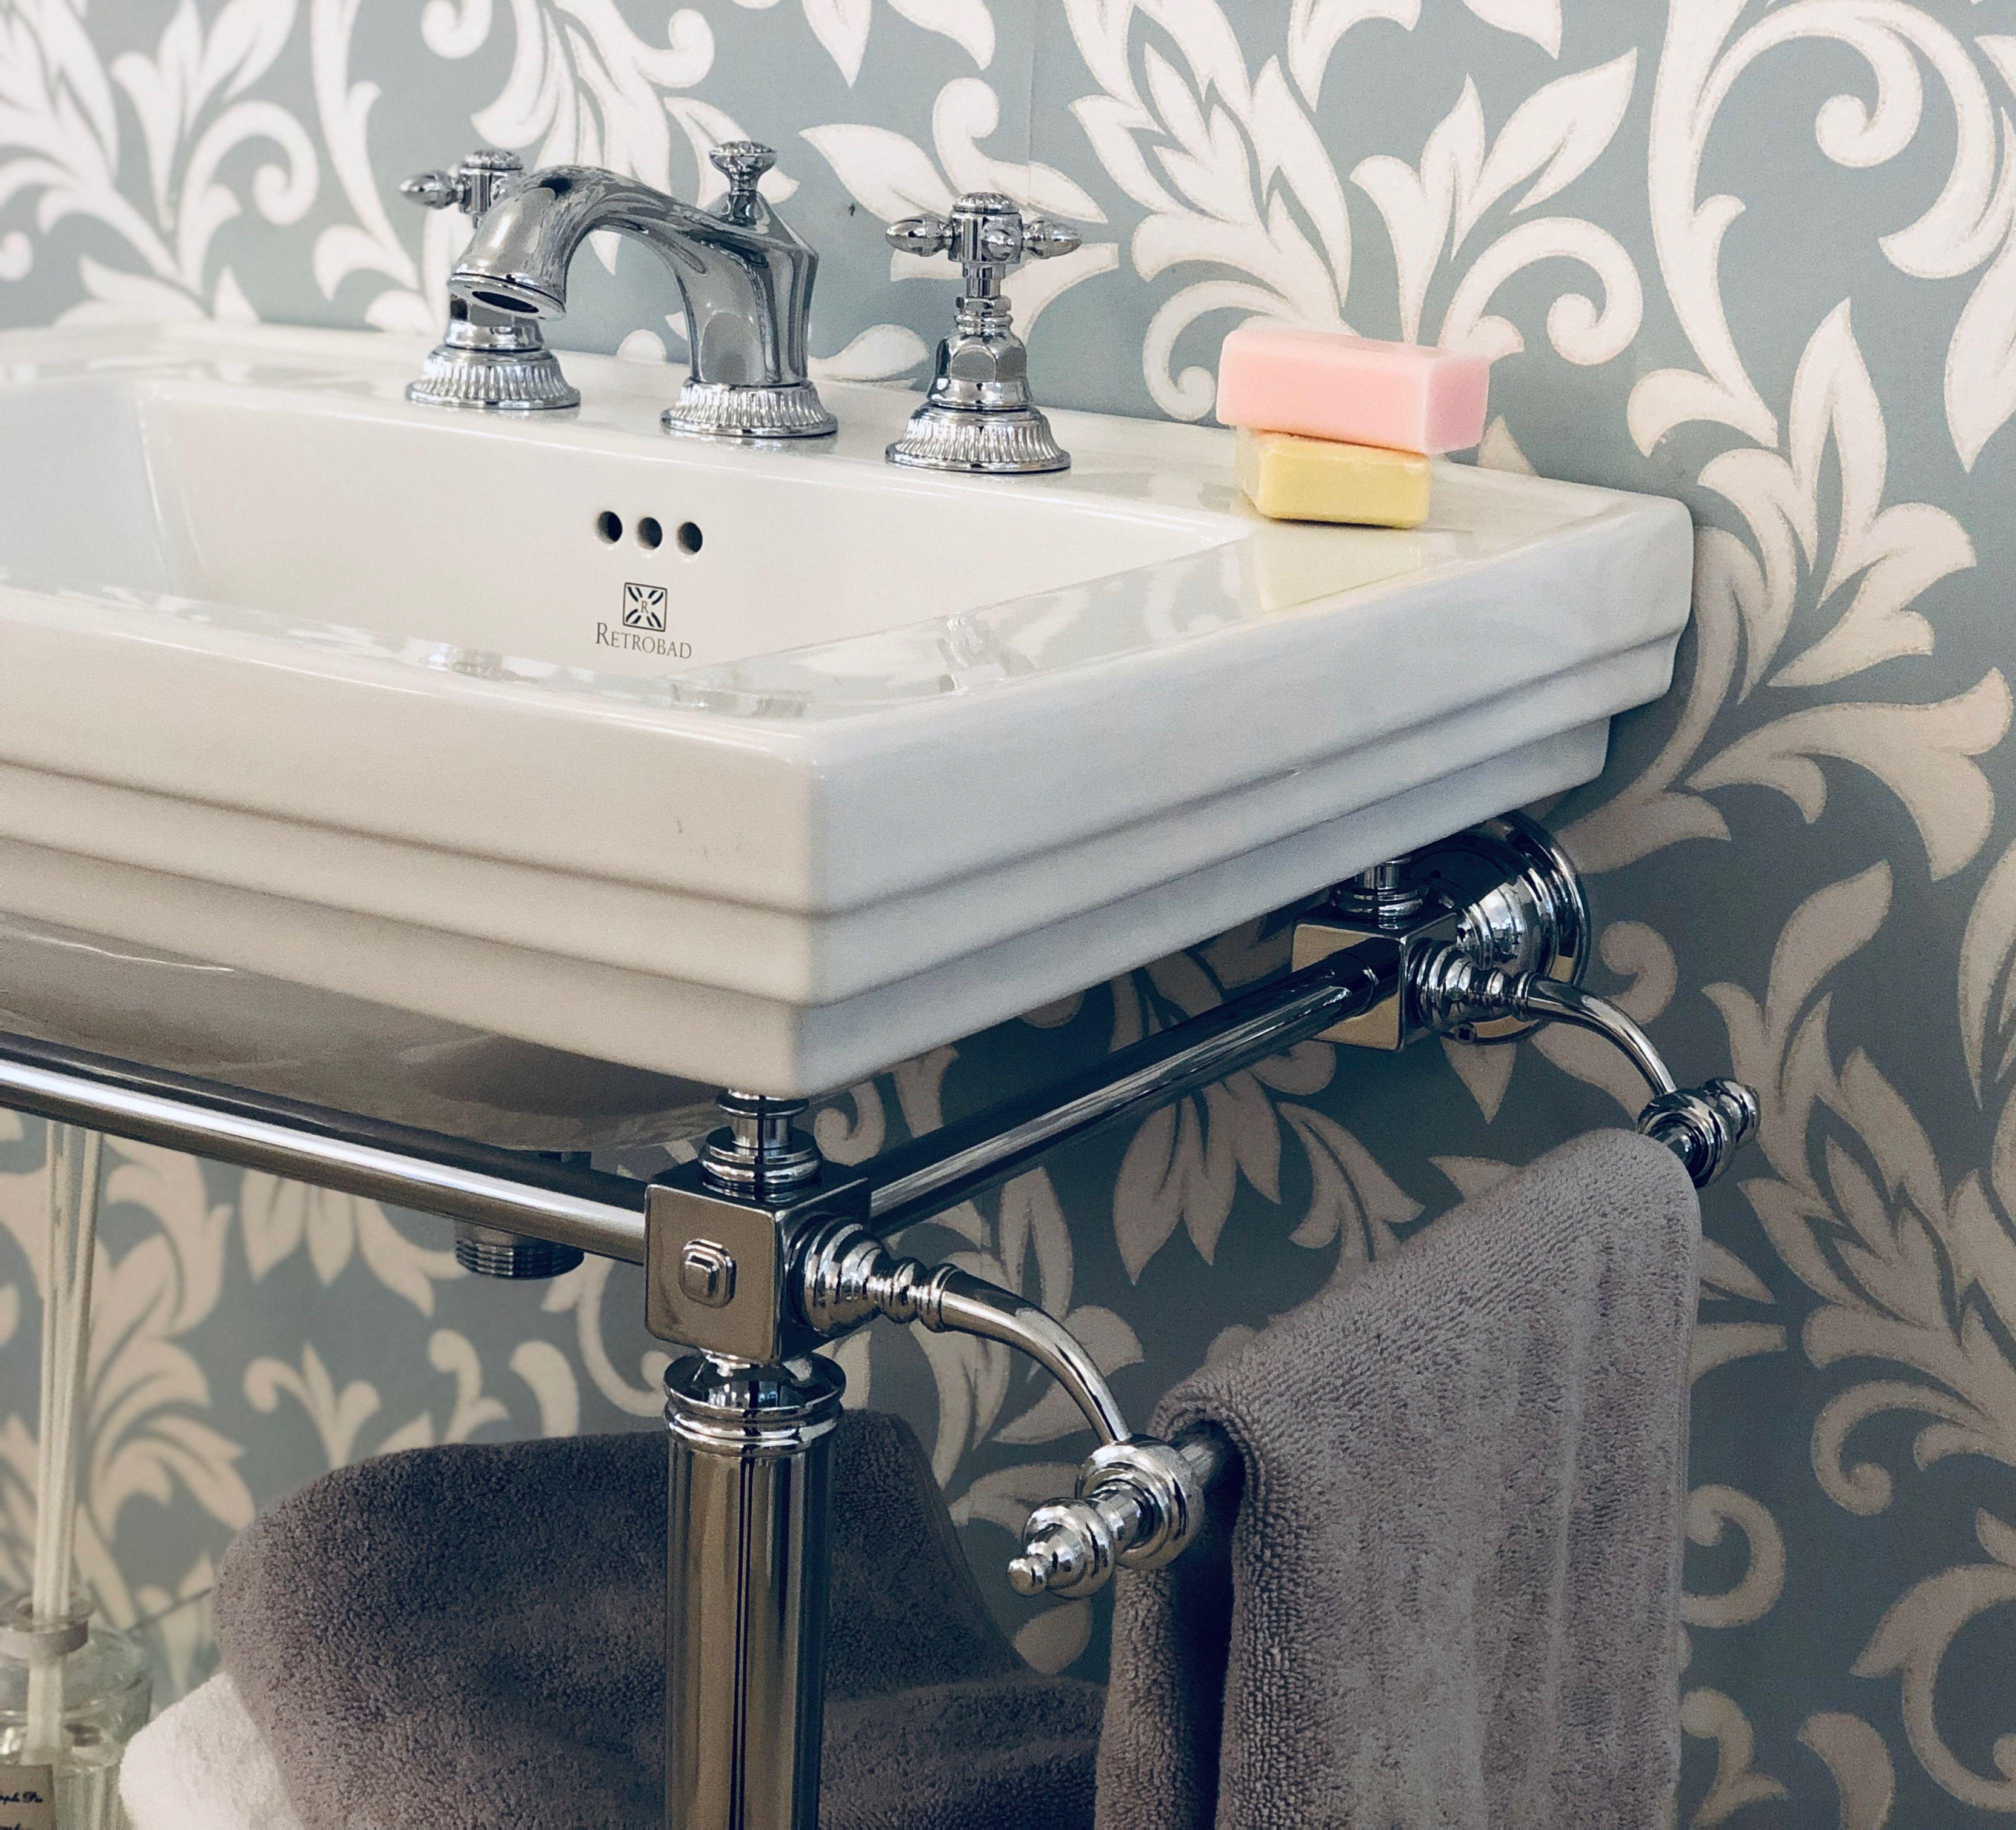 Waschbecken Kensington Von Retrobad Mit Metallunterbau Im Art Deco